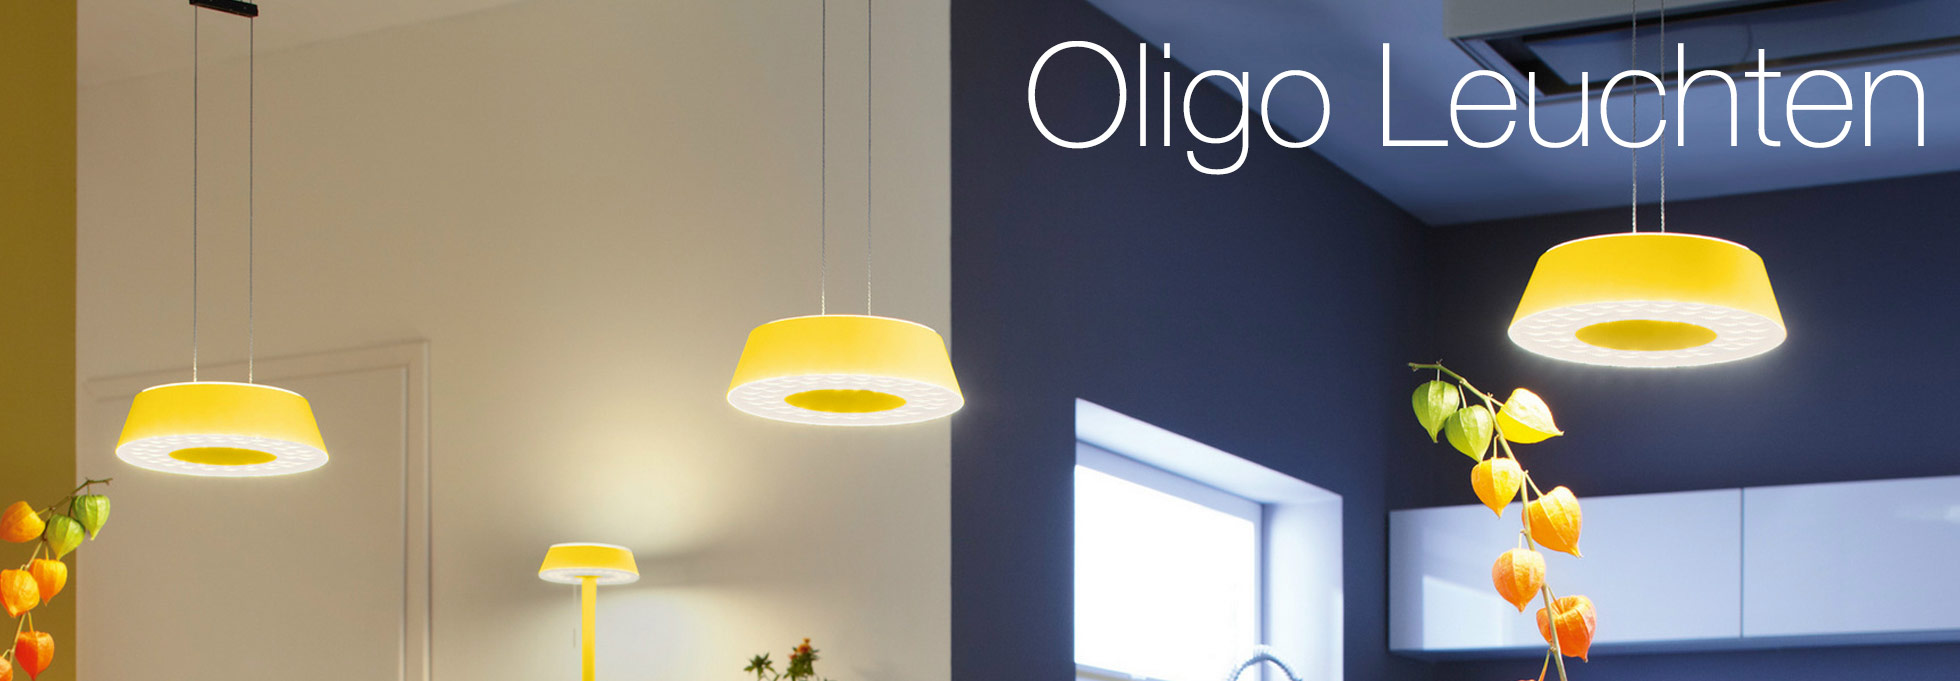 Oligo Leuchten sind Qualitätsprodukte